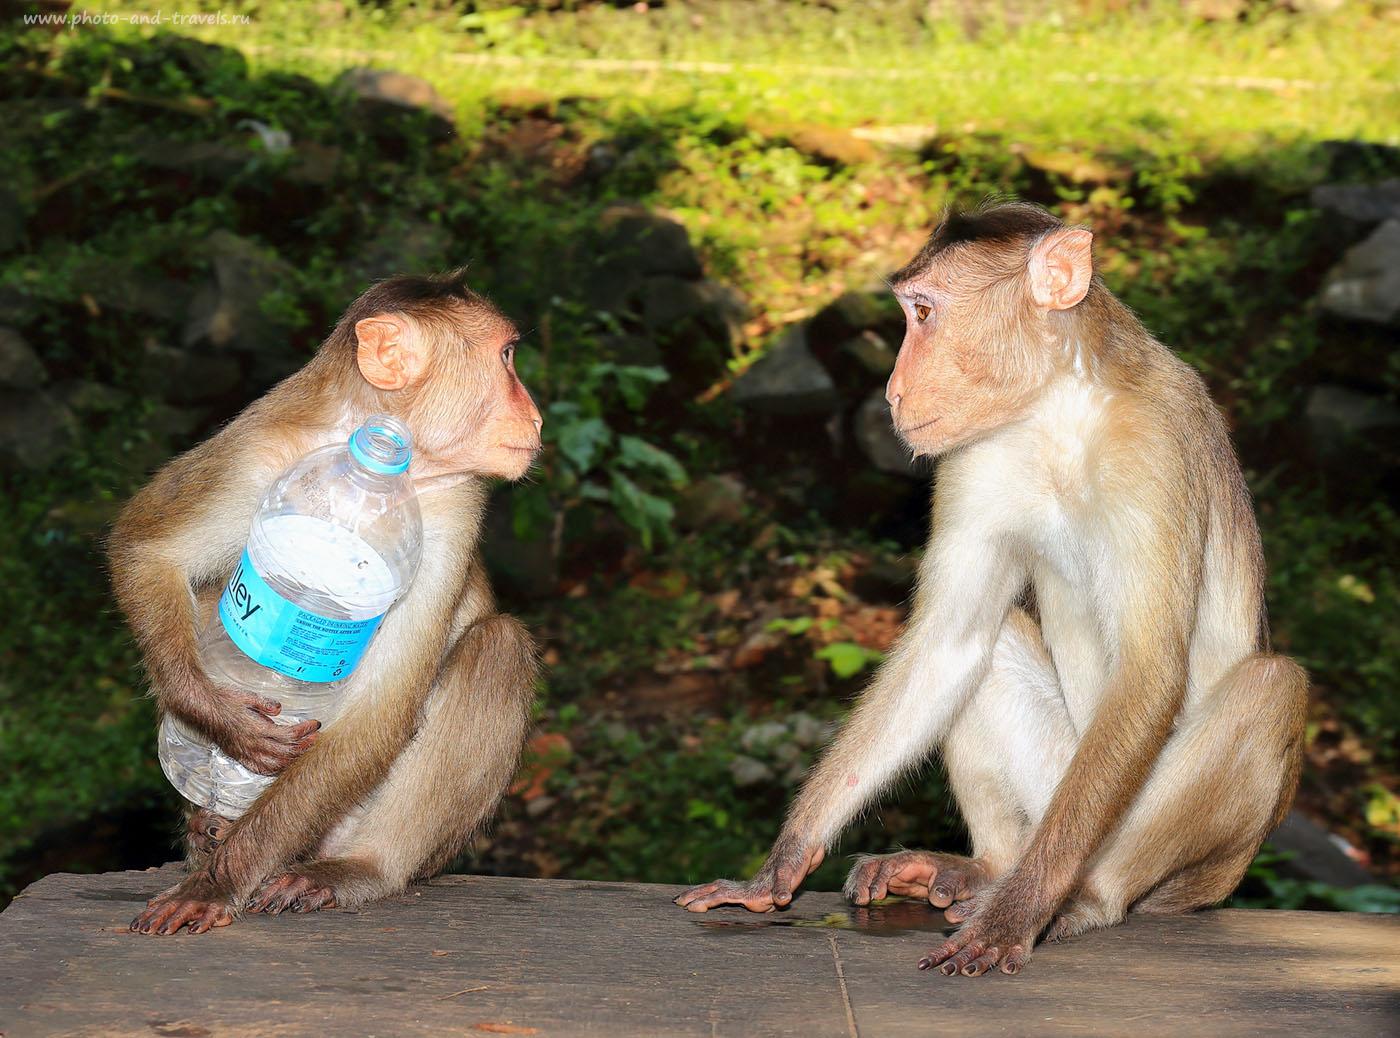 7. Обезьяны на острове Элефанта. Отчет об экскурсиях в Мумбаи. (24-70, 1/60, 0eV, f9, 61 mm, ISO 100. Вспышка)